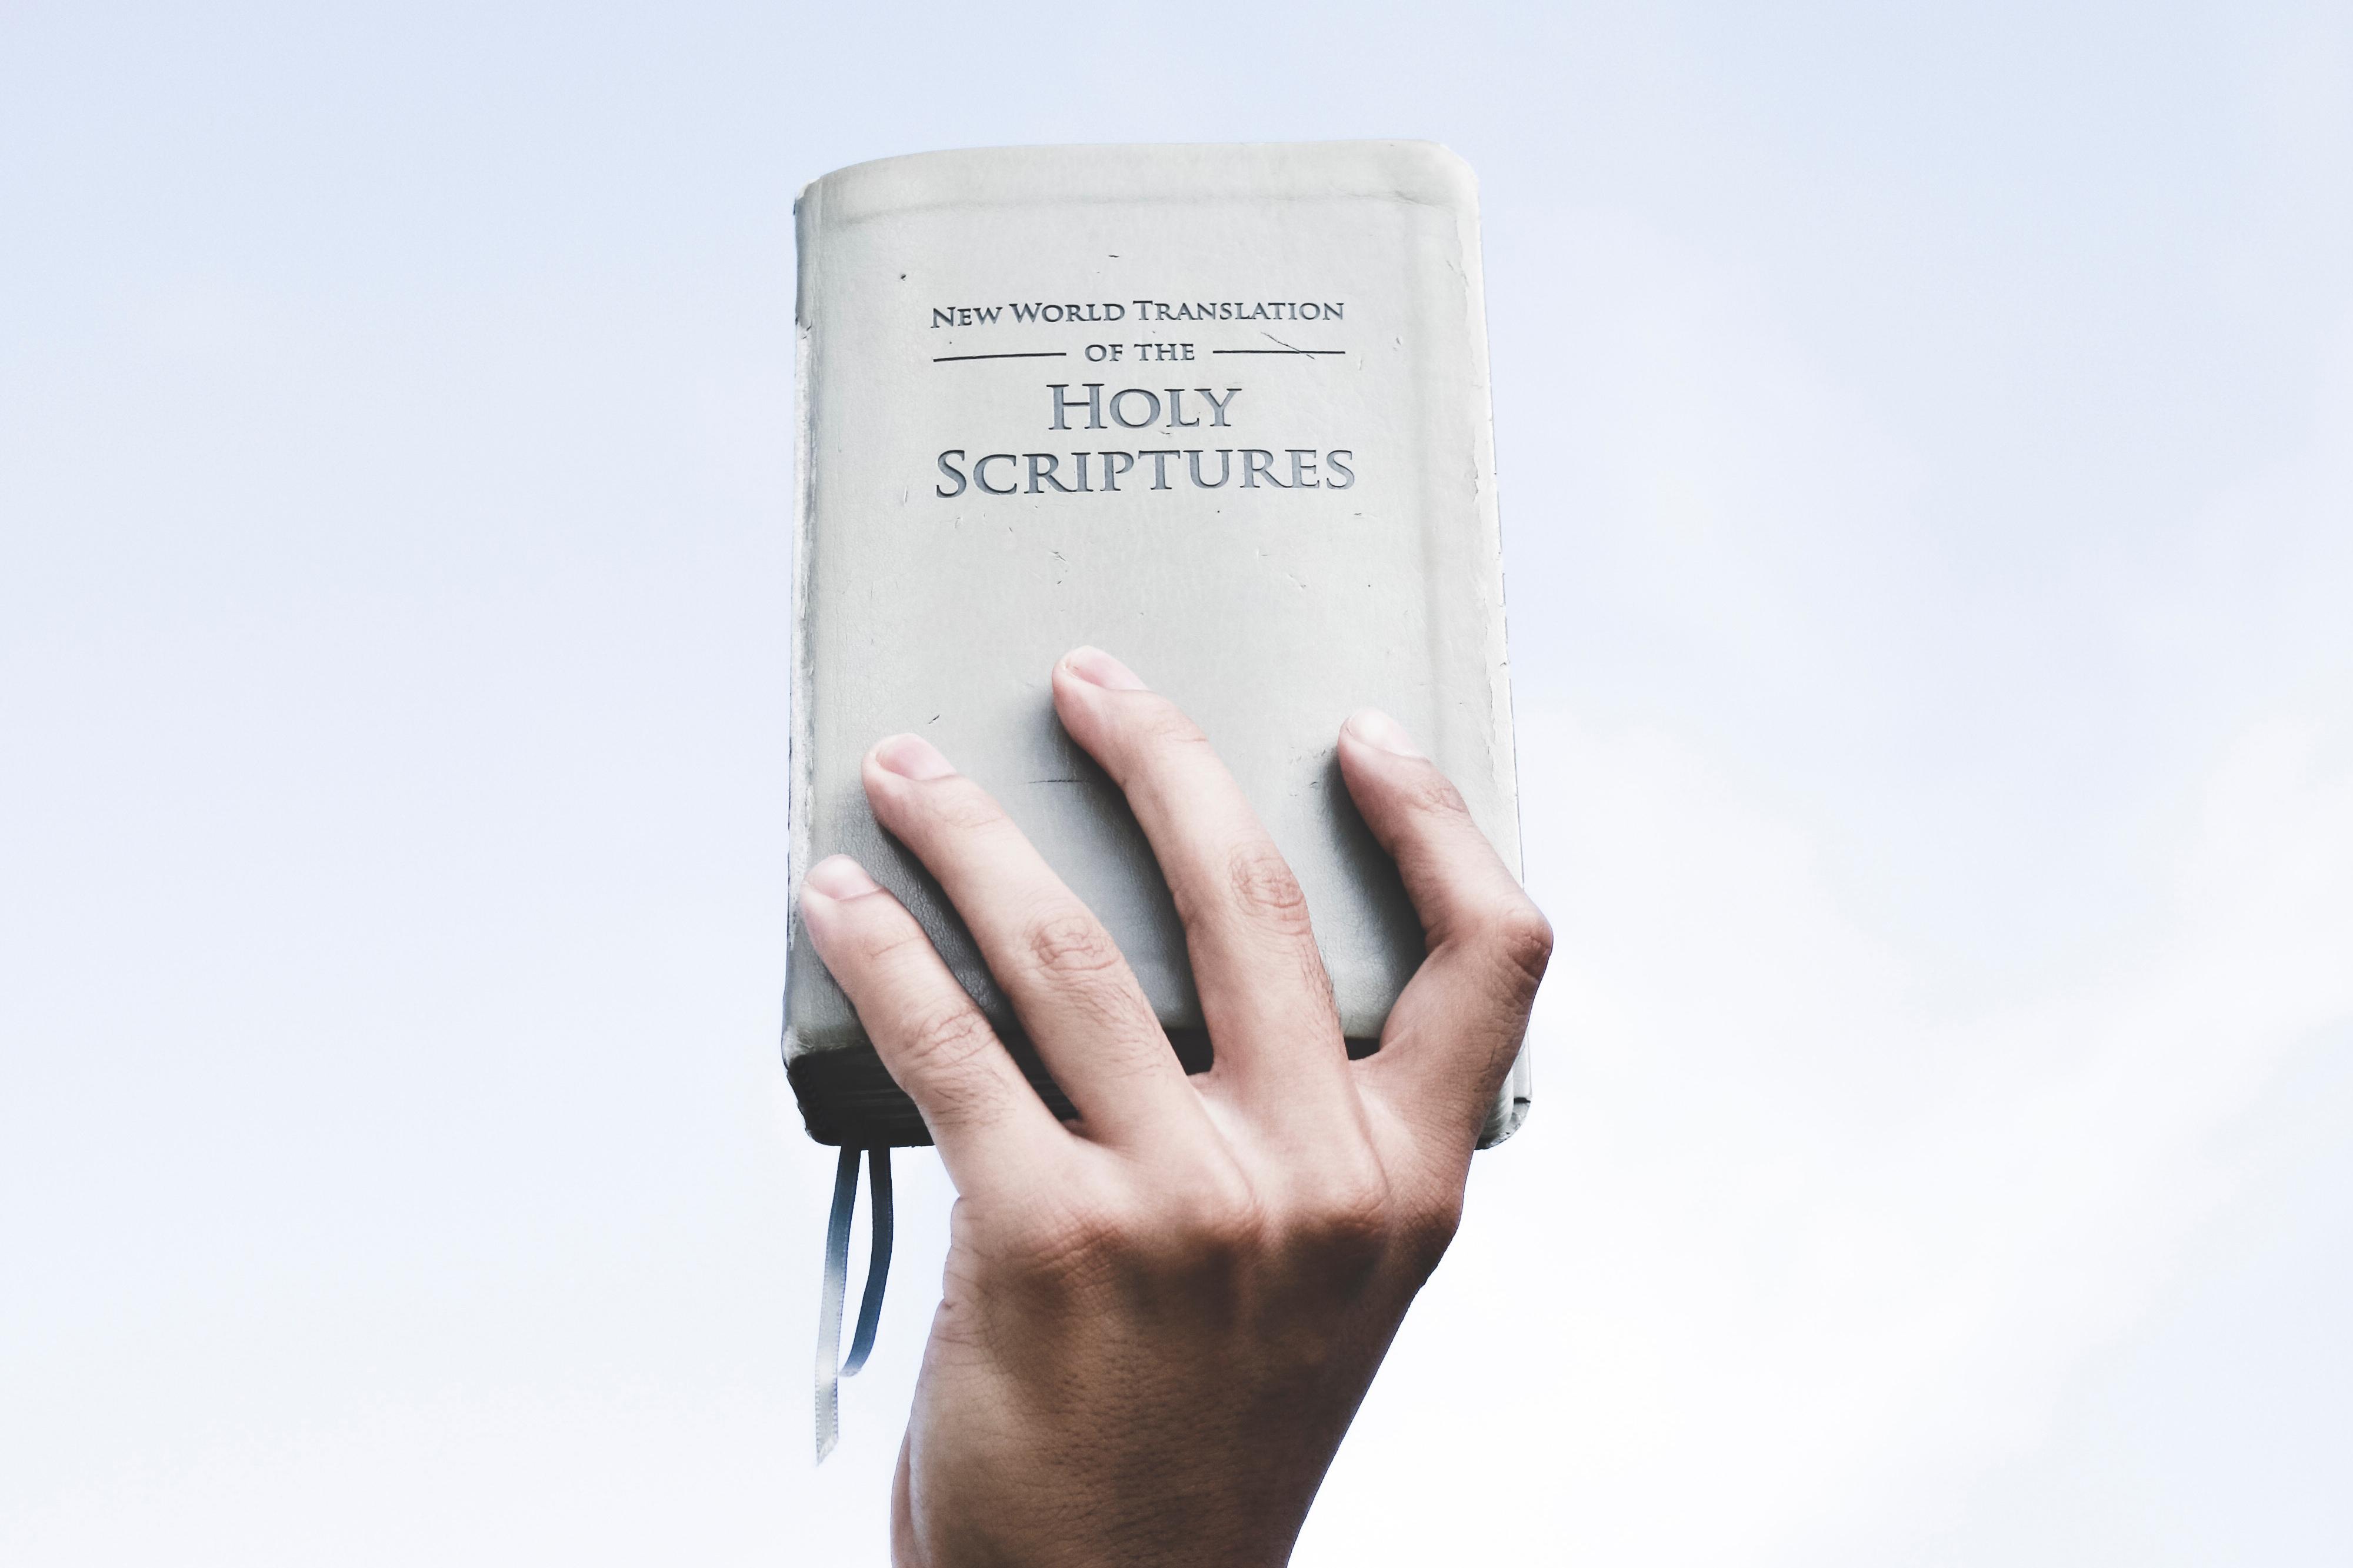 библия, священные тексты, книга